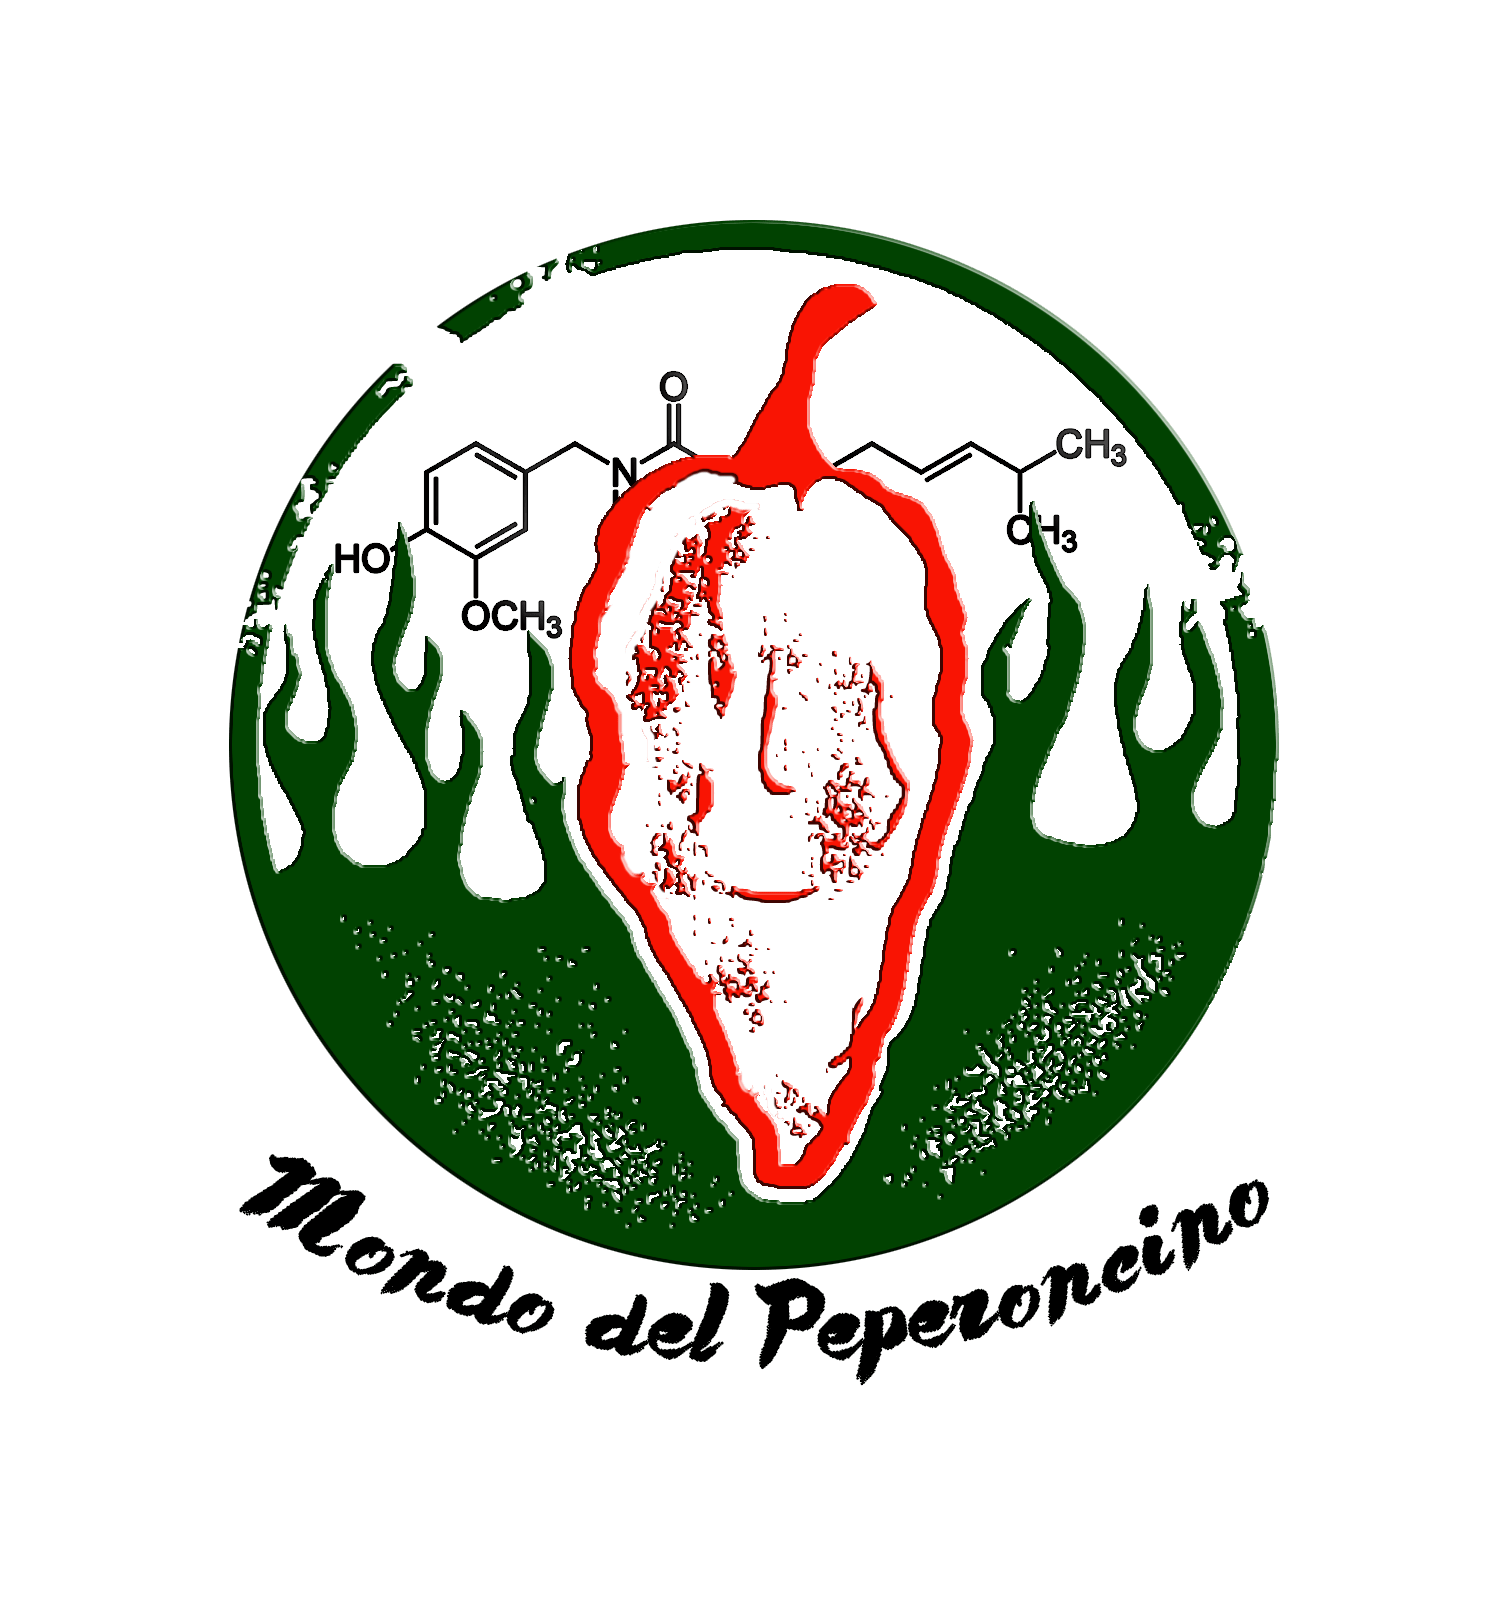 Il Mondo del Peperoncino